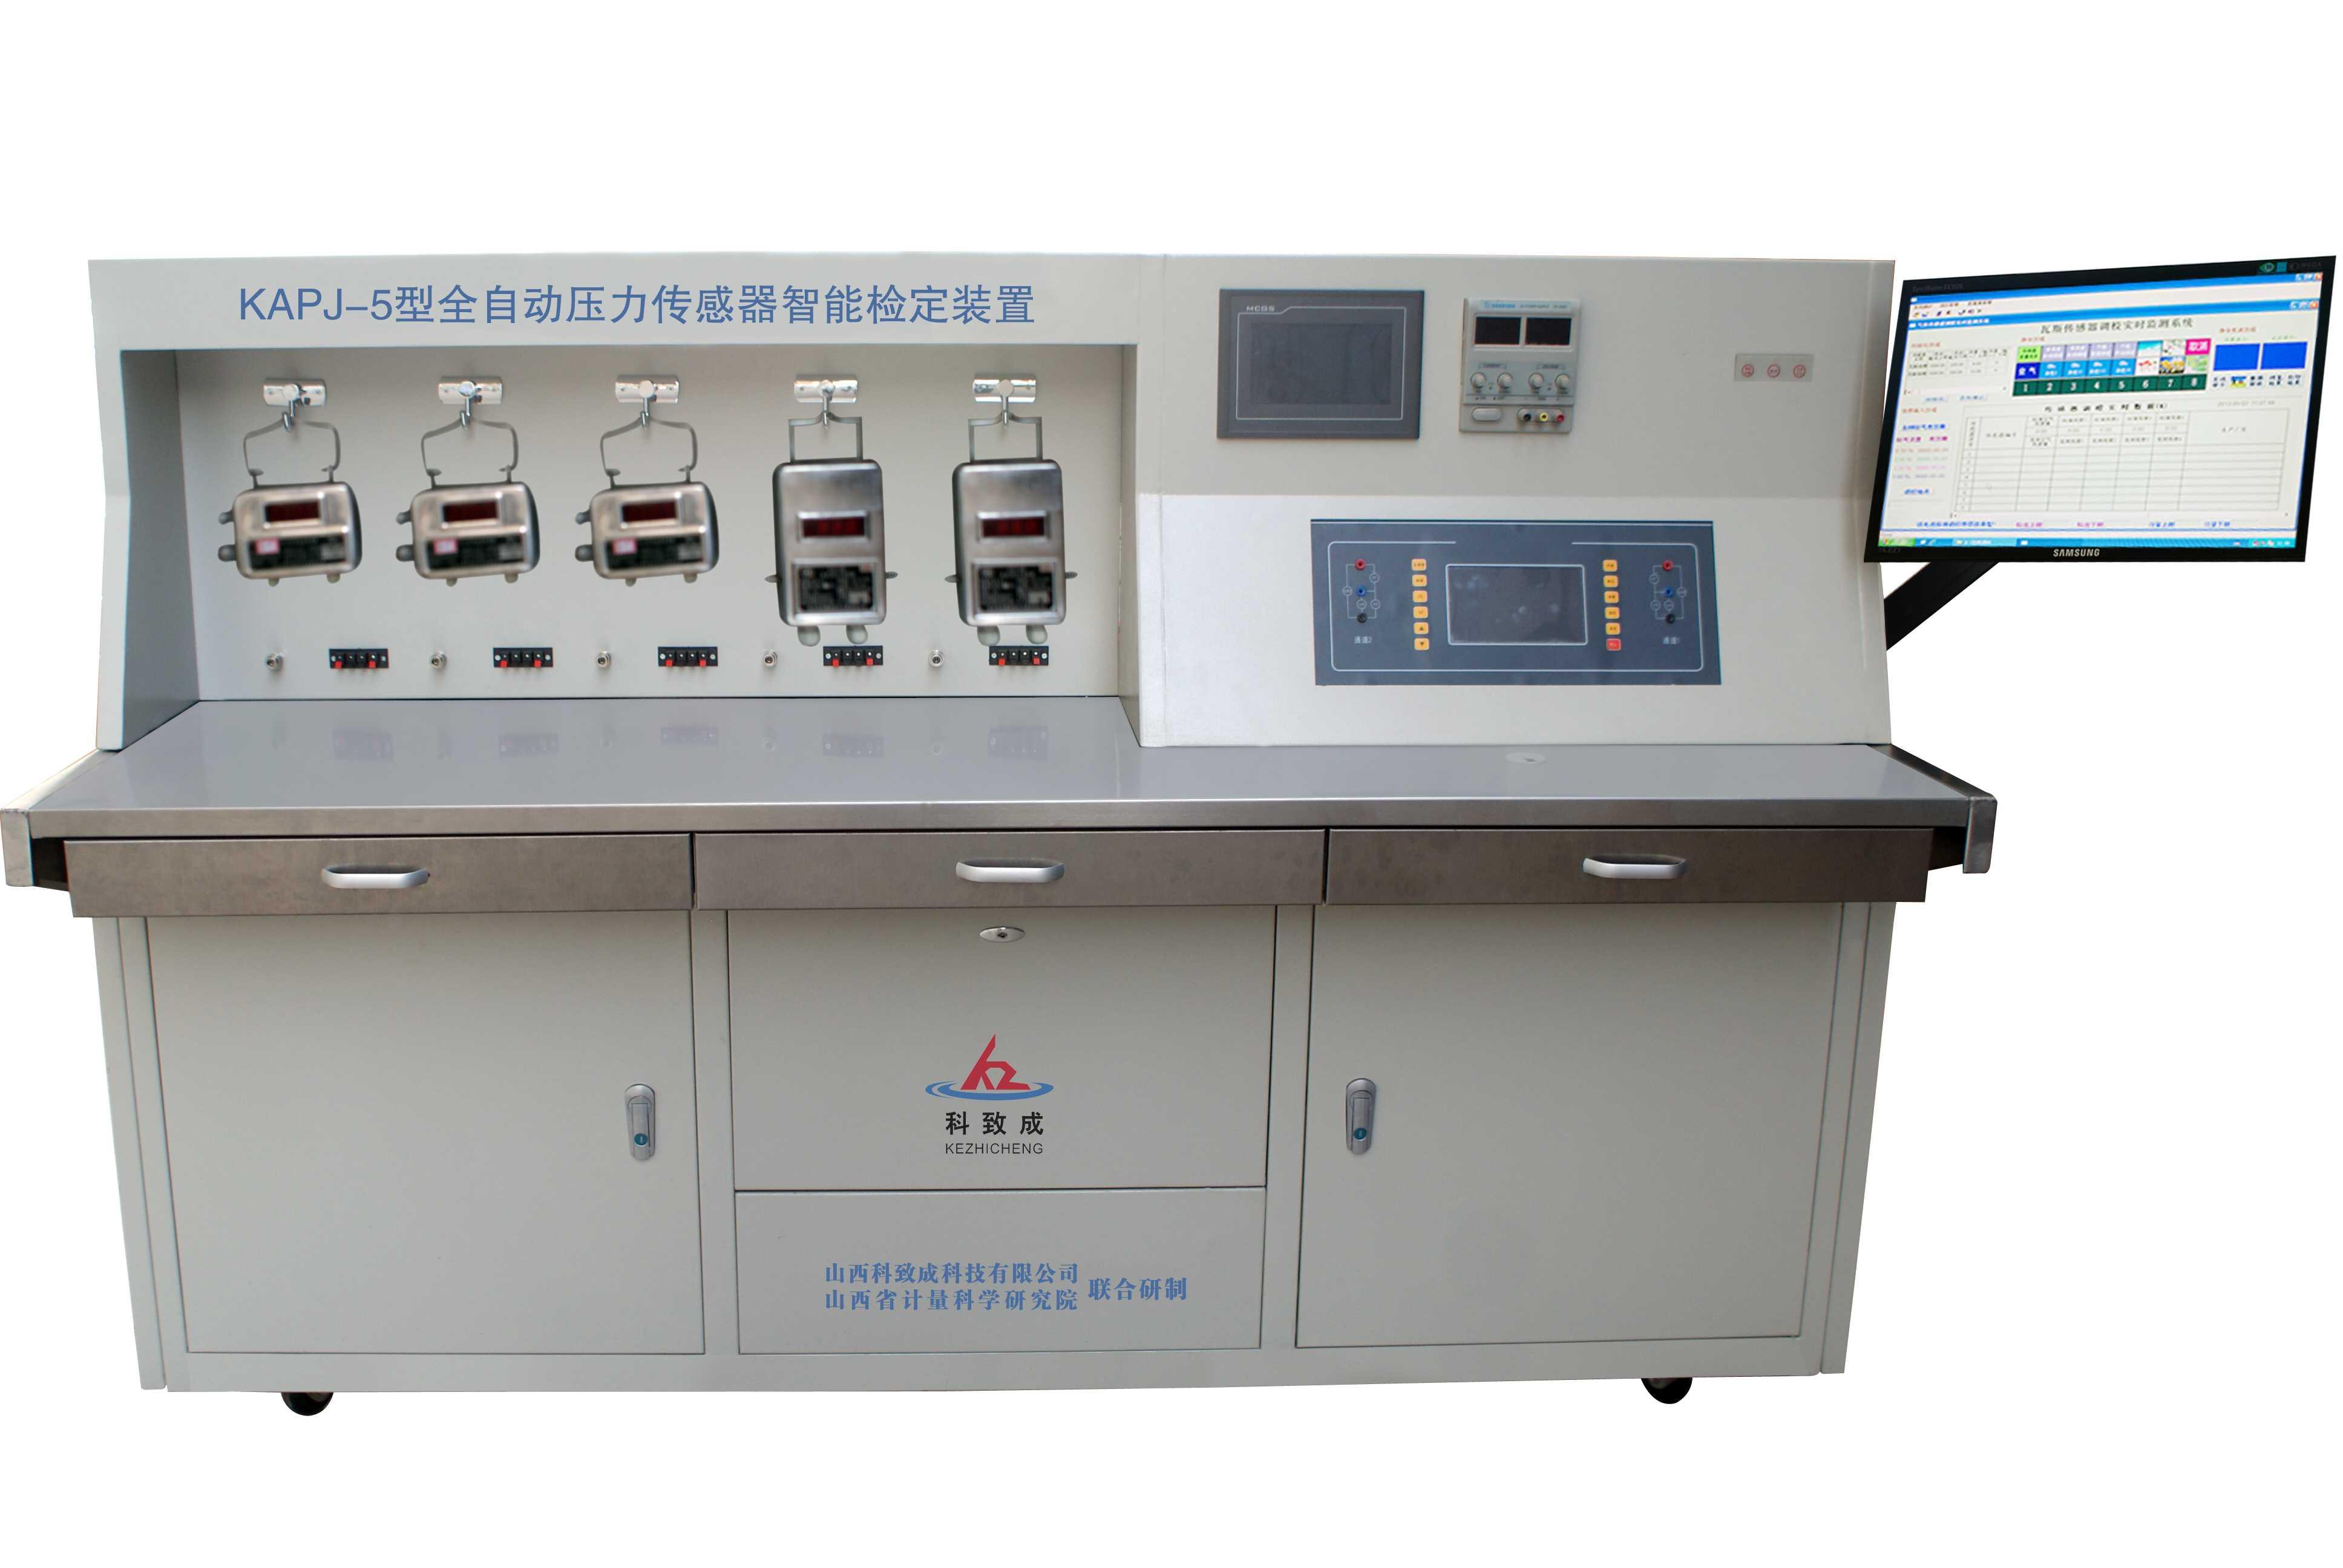 KAPJ-5型全自动压力传感器智能必威官网亚洲体育装置he